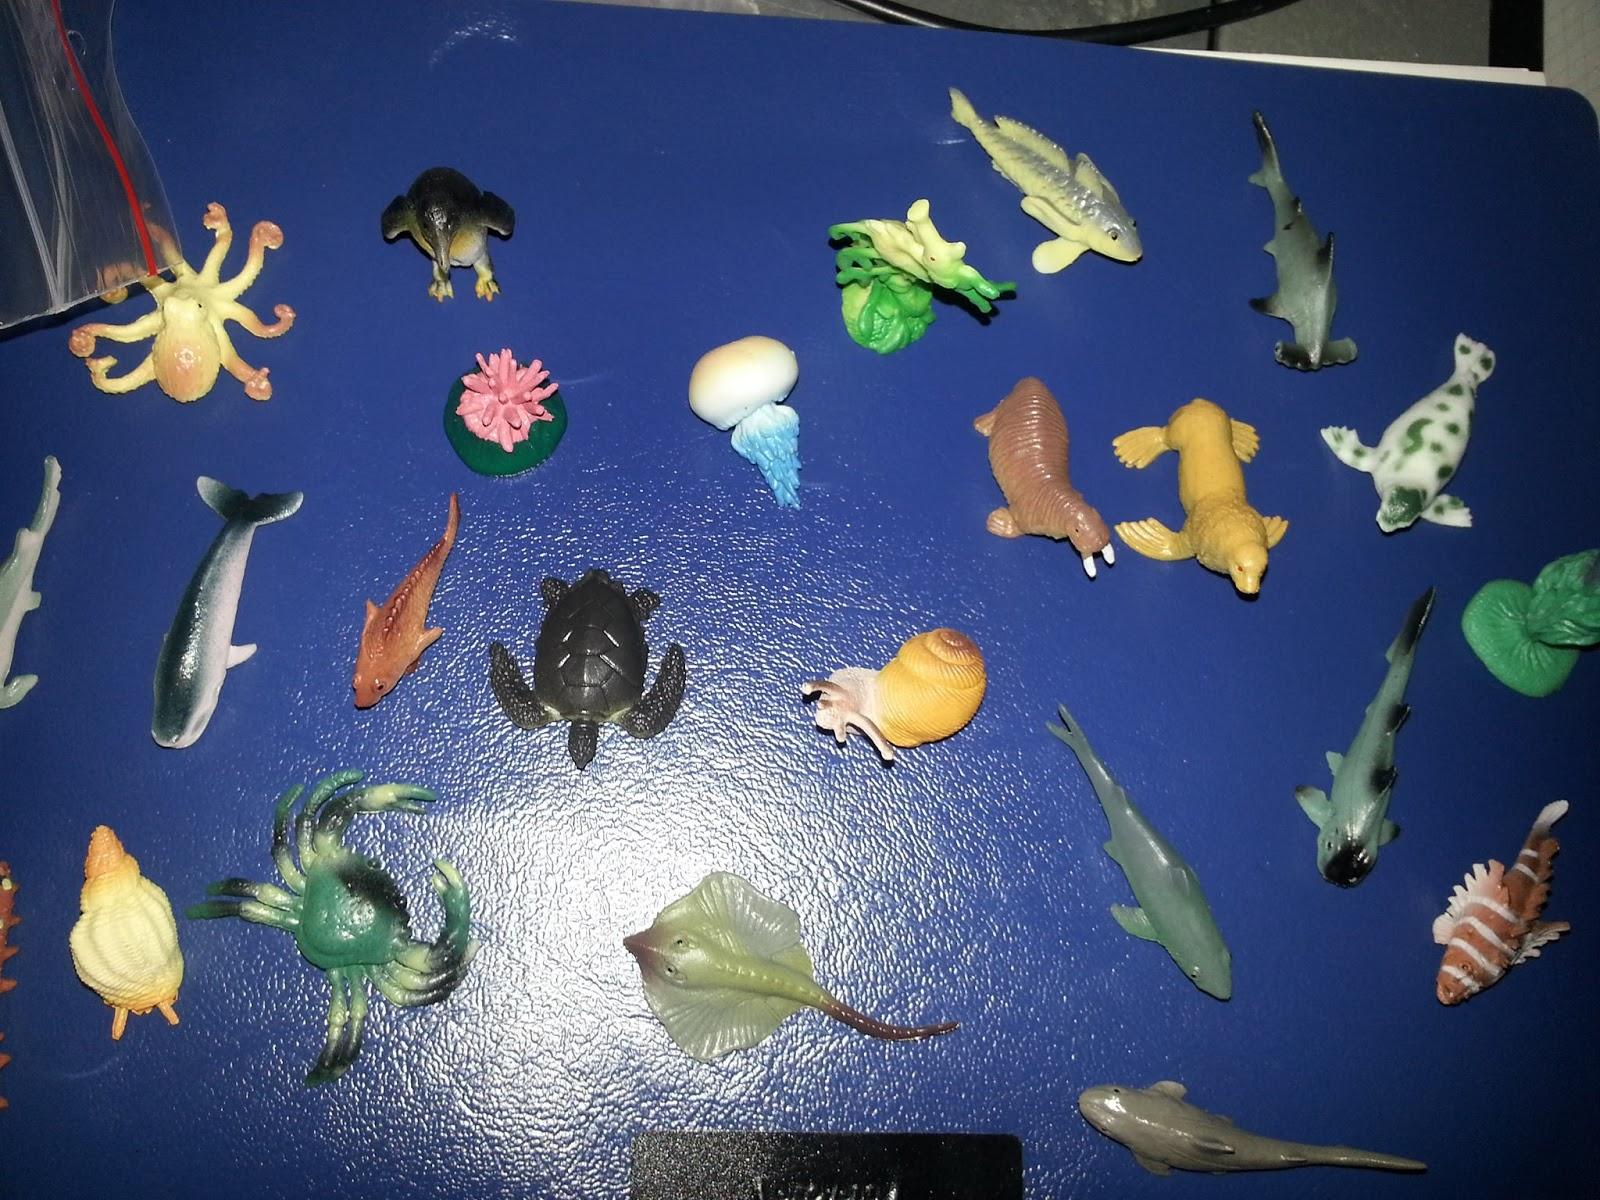 Sonja s testerblog ich teste und berichte unten im meer for Deko fische plastik